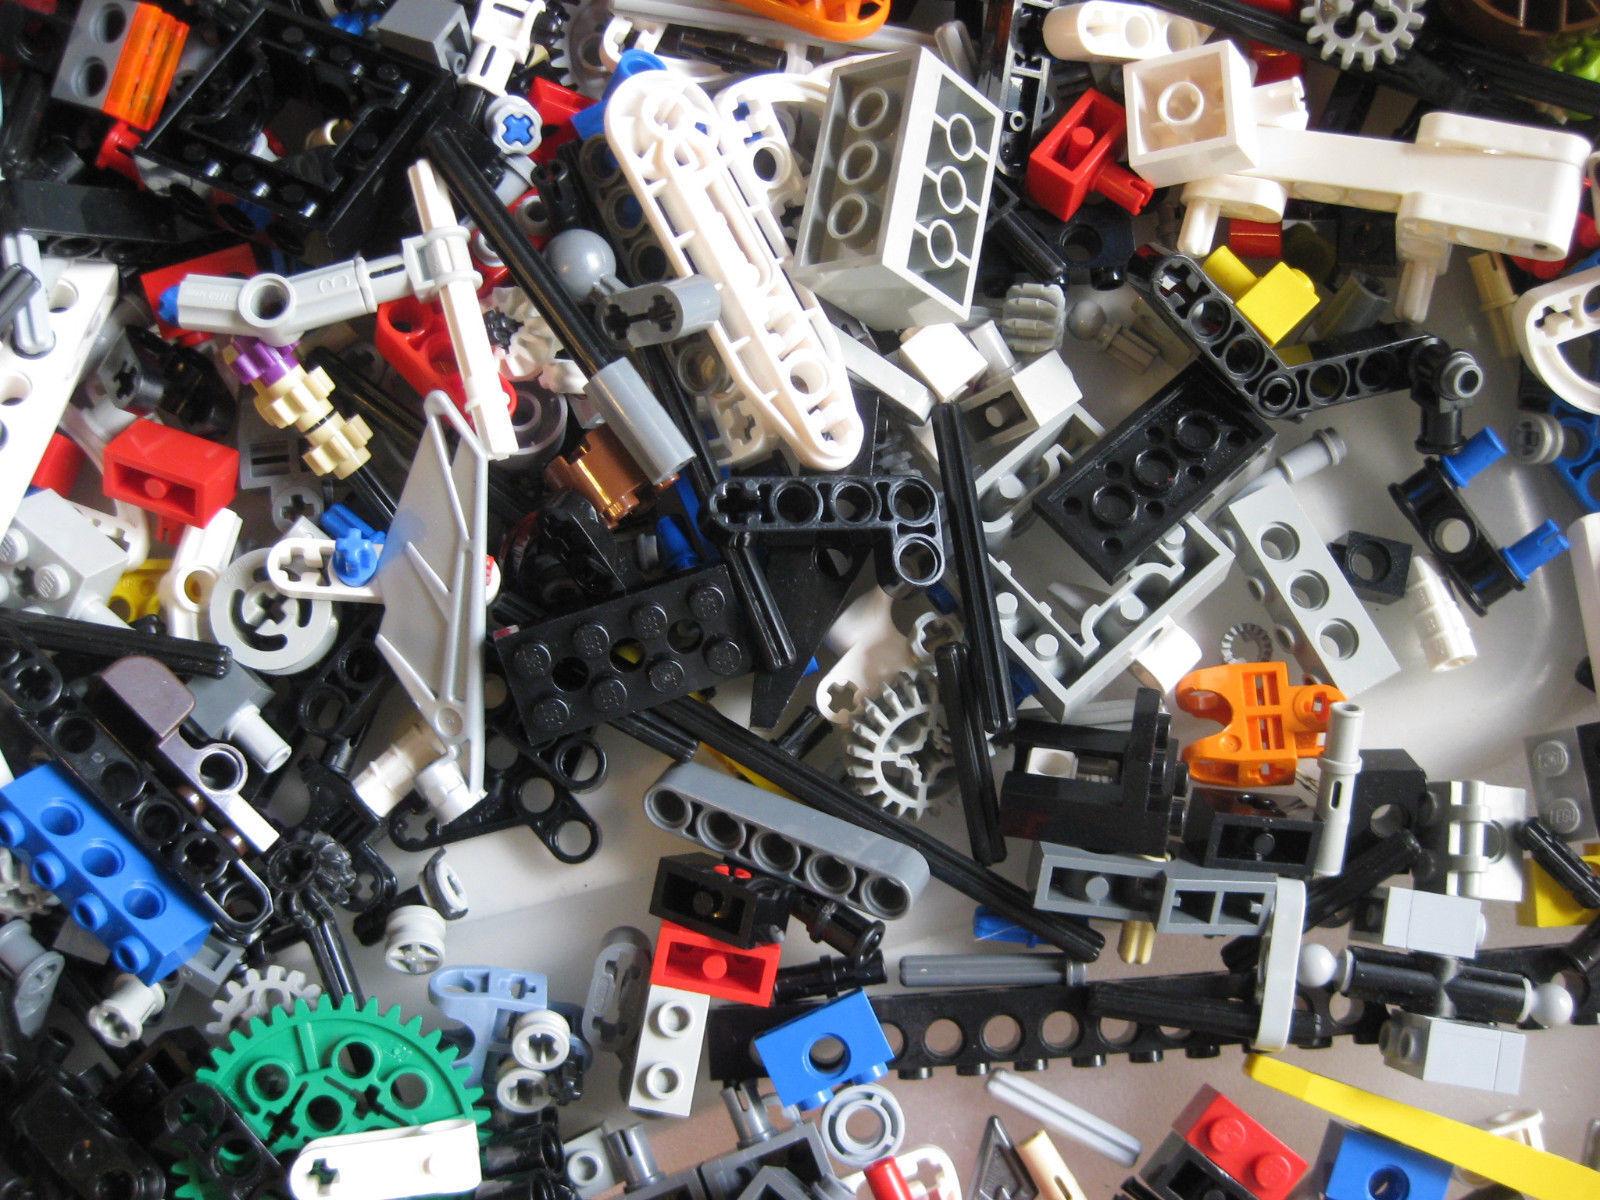 LEGO Bulk lot TECHNIC MINDSTORM PARTS 1lb pound Beams Gear Axle READ DESCRIPTION